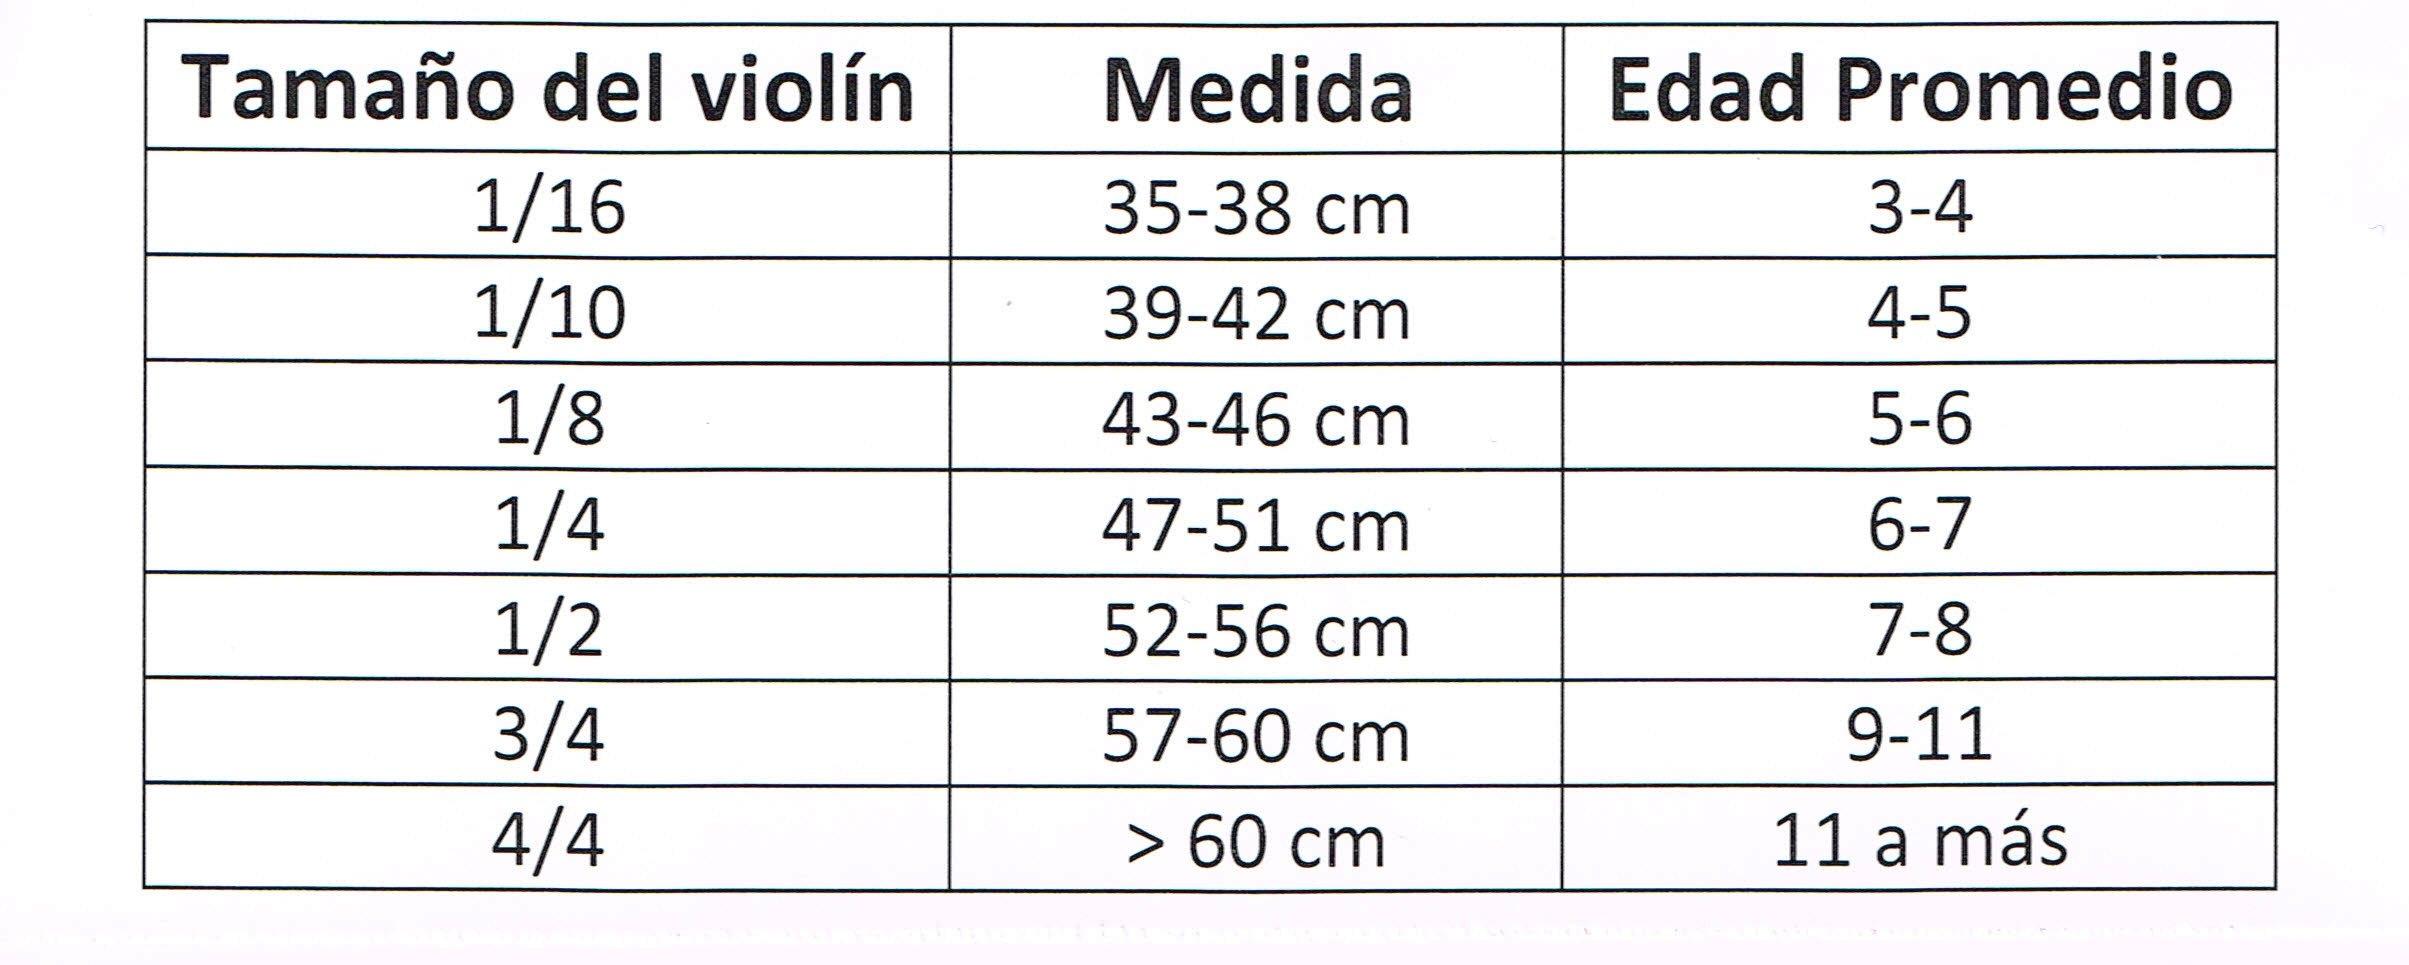 COMO TOCAR VIOLIN - MEDIDAS DEL VIOLIN